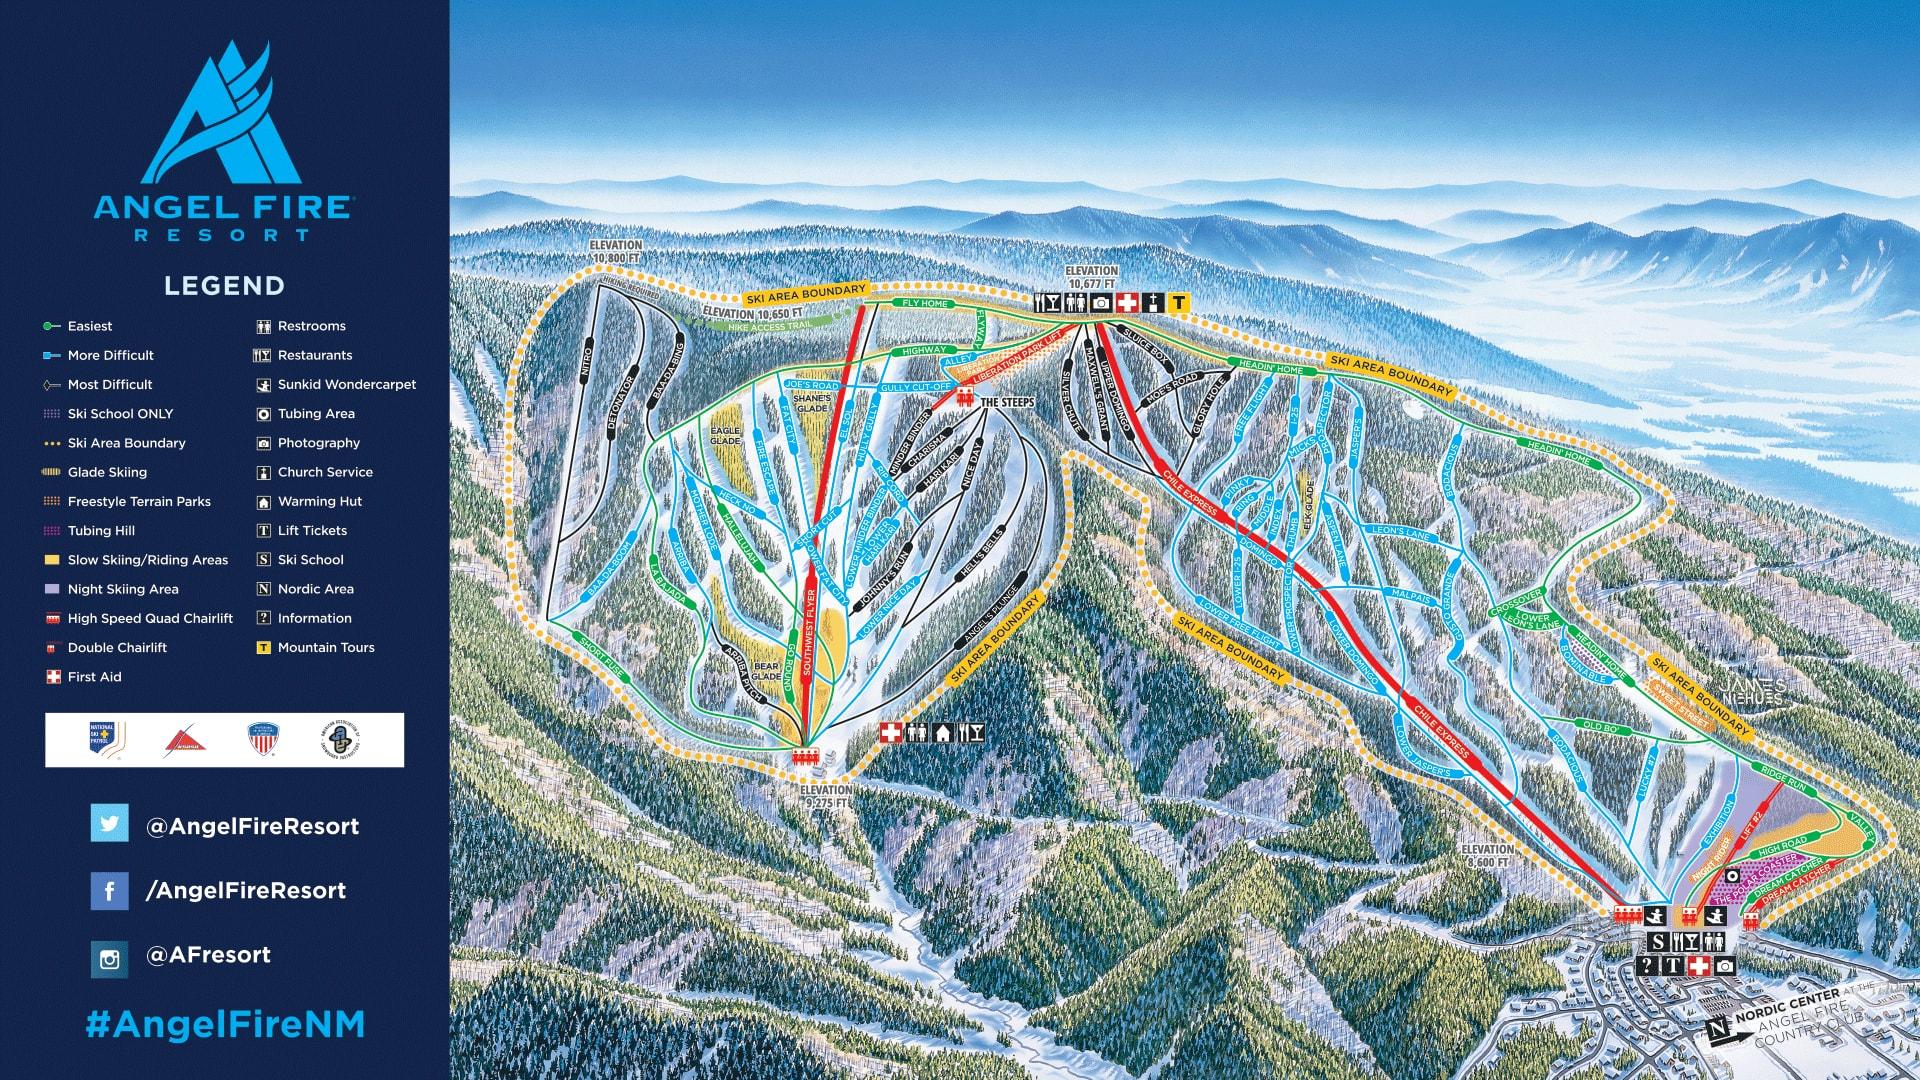 Angel Fire Resort Piste / Trail Map